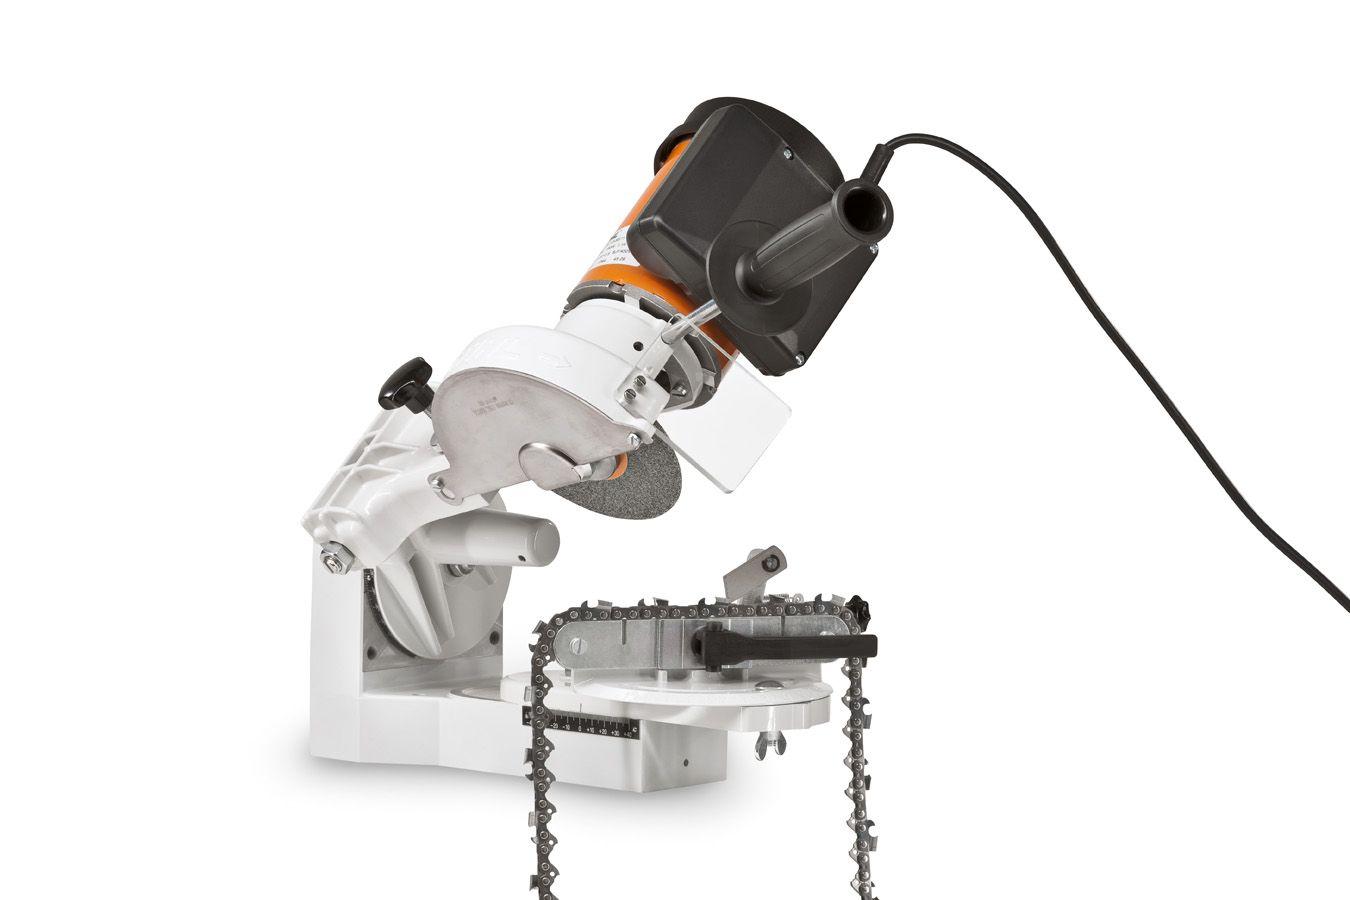 Stihl USG Universal Grinder Chain Saw Sharpener Machine